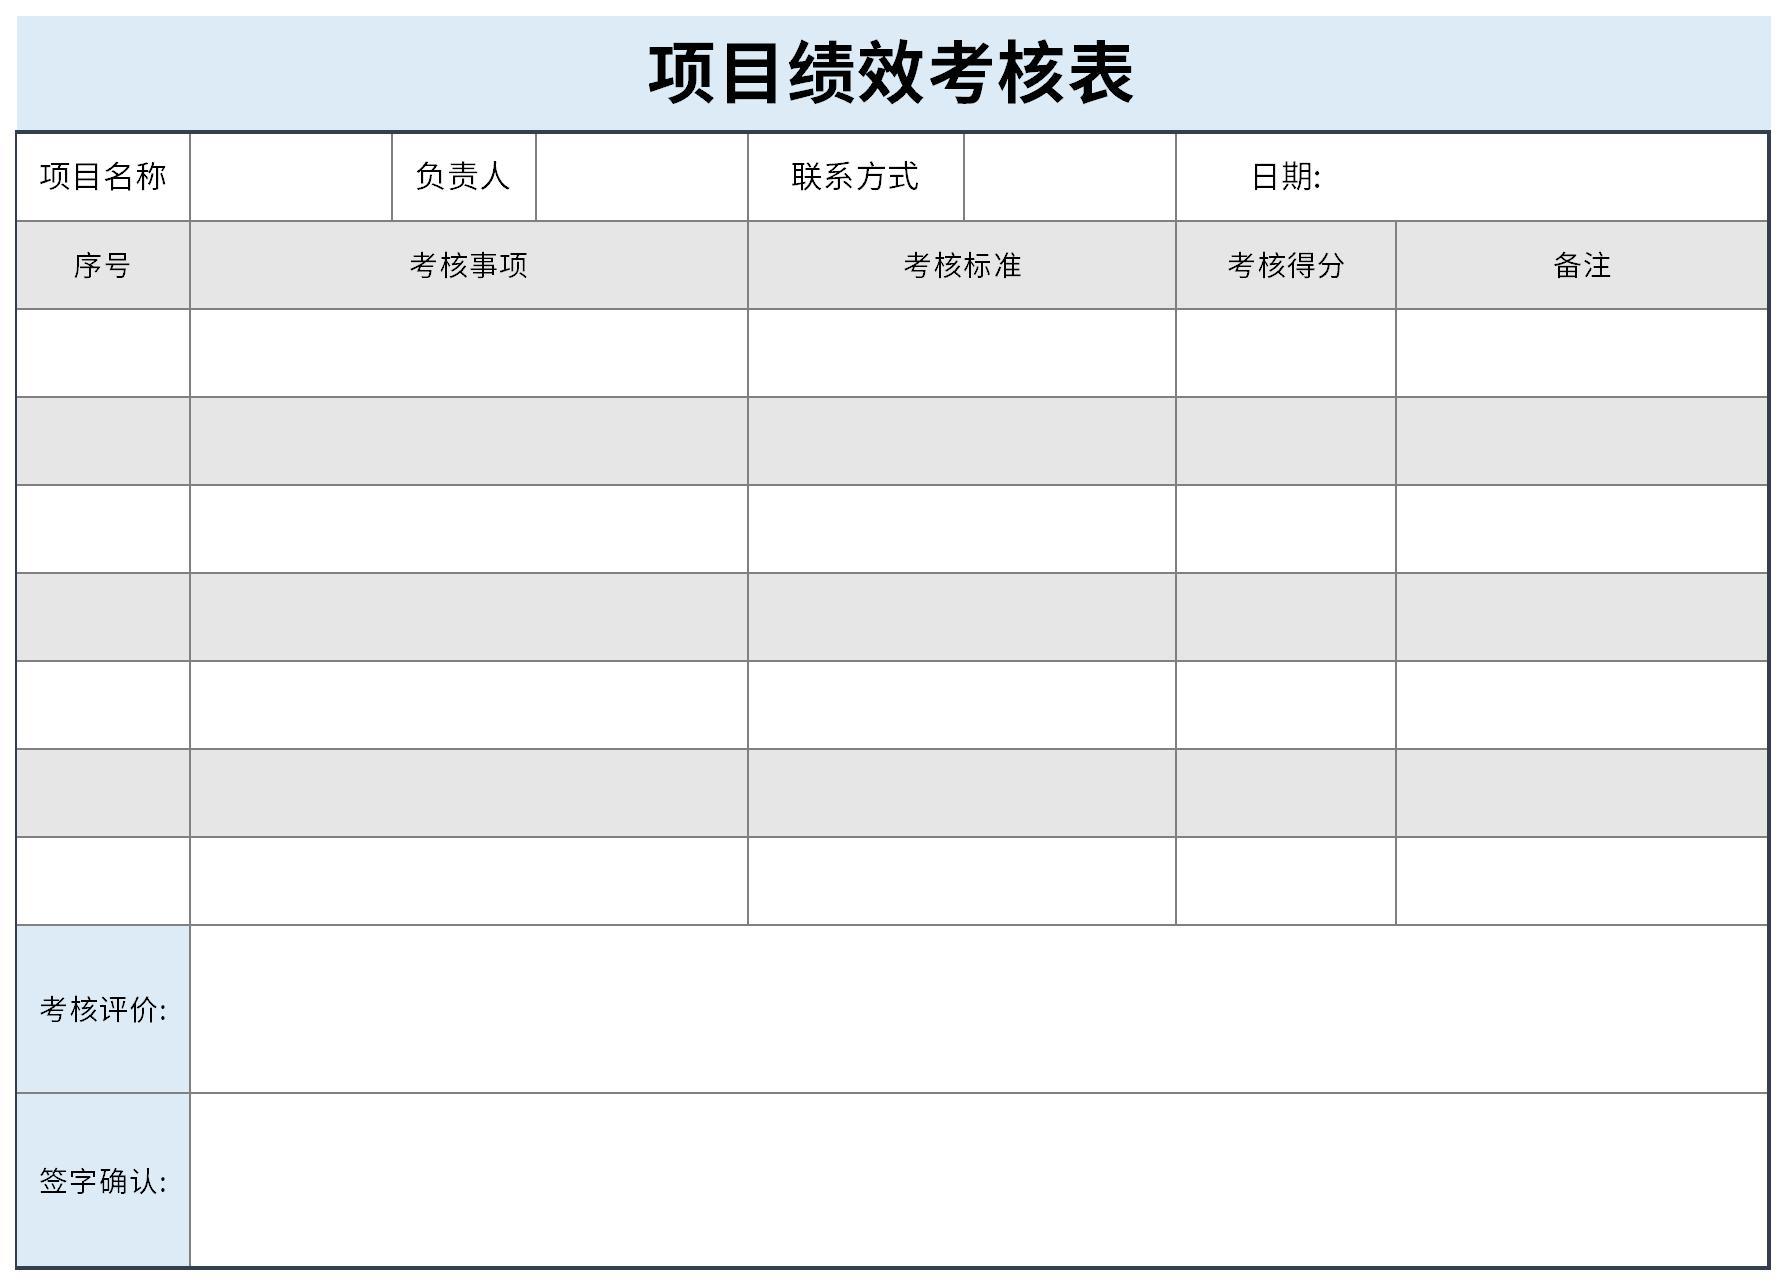 项目绩效考核表截图